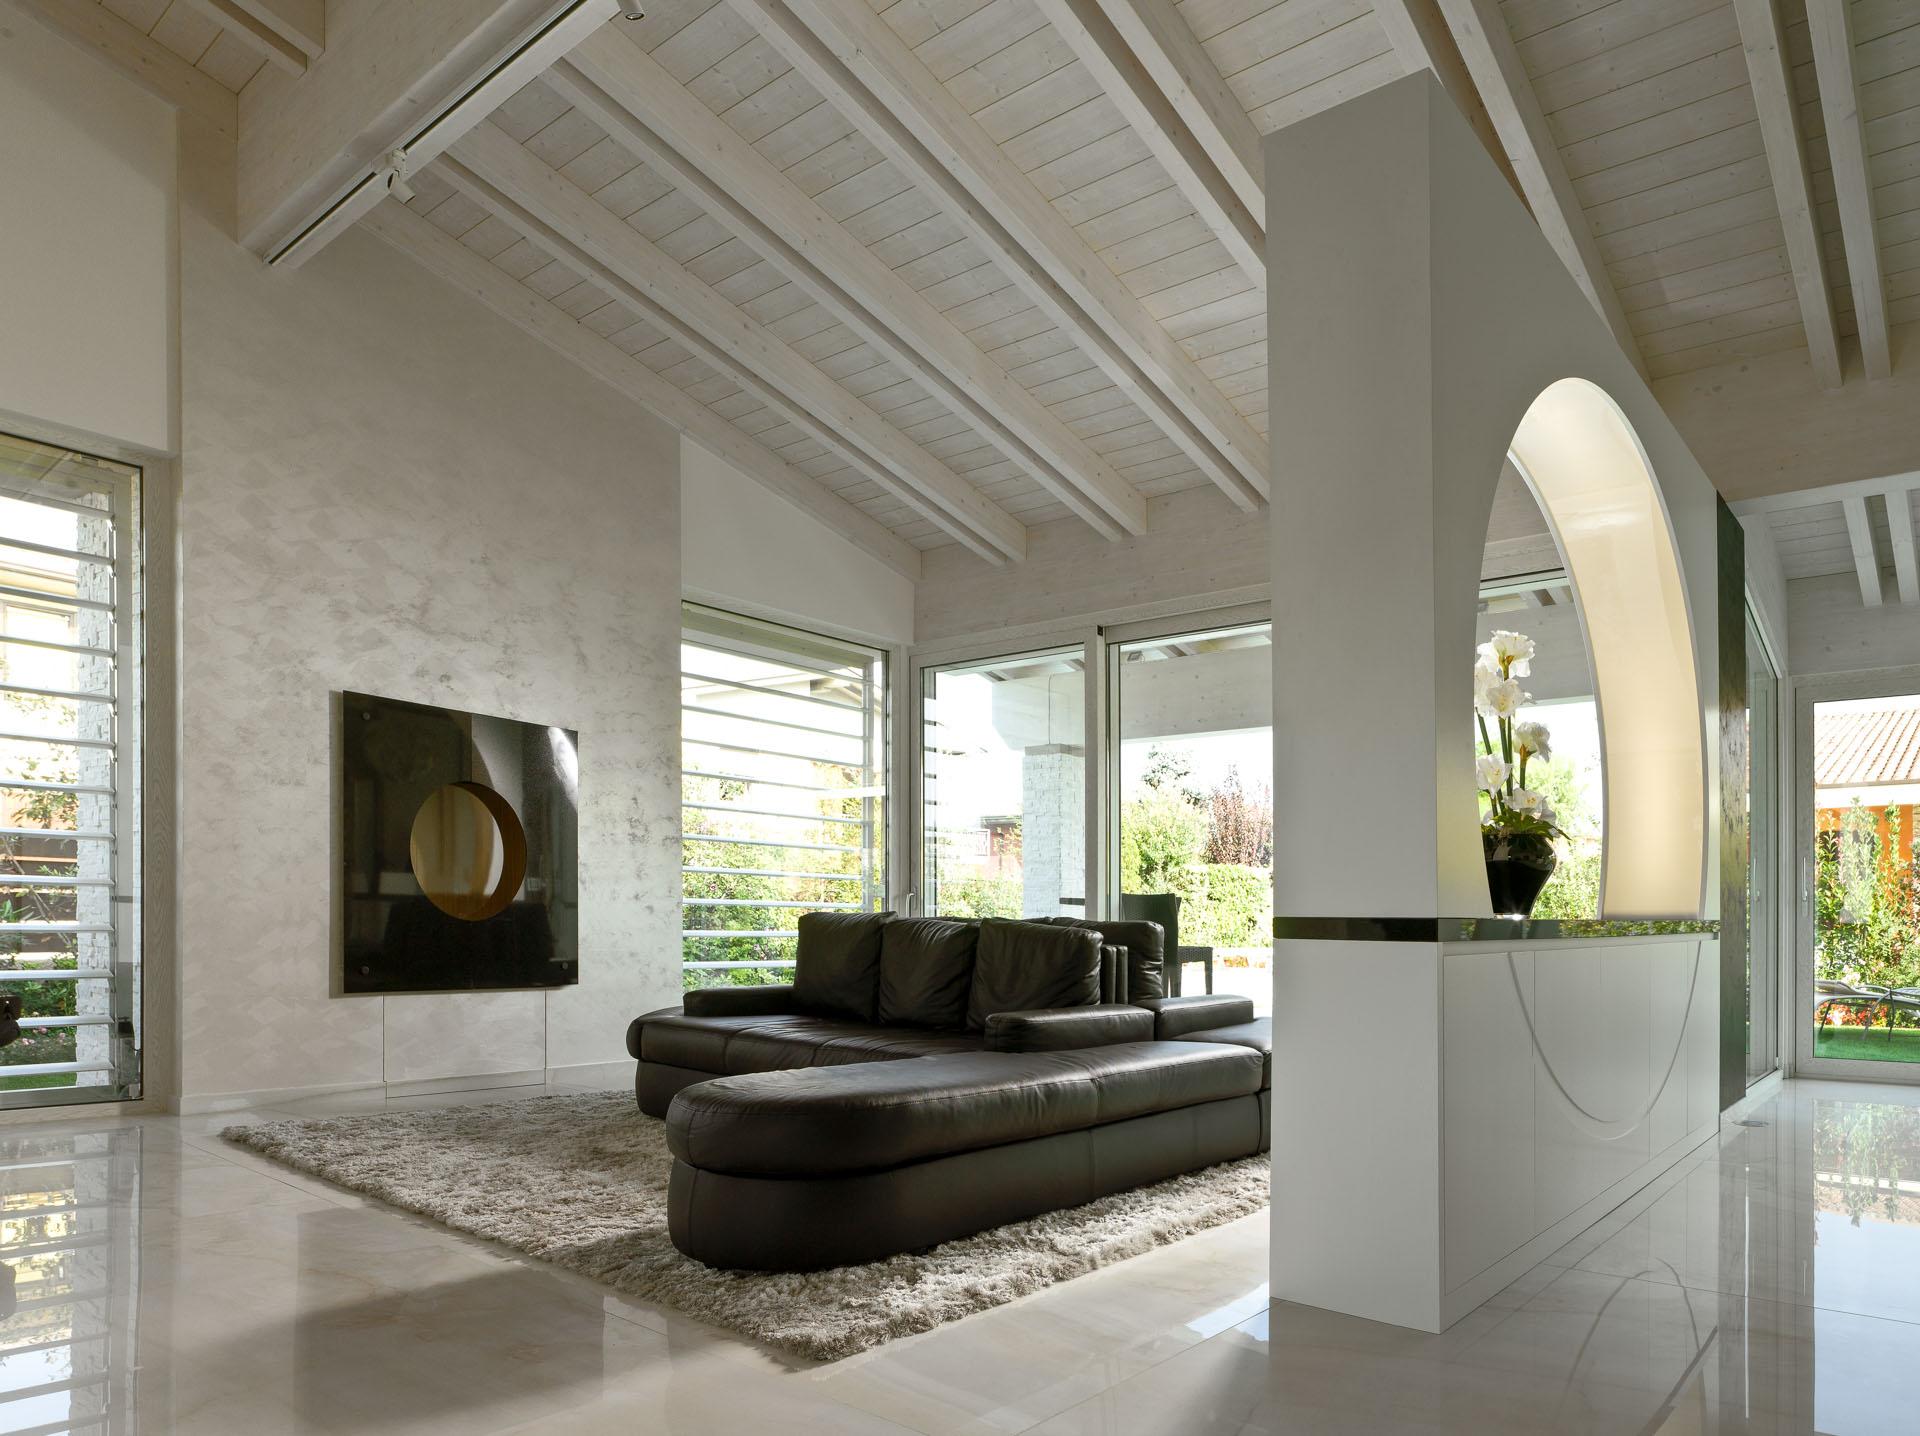 simone casarotto studio architettura interior design castiglione delle stiviere mantova living mantova brescia